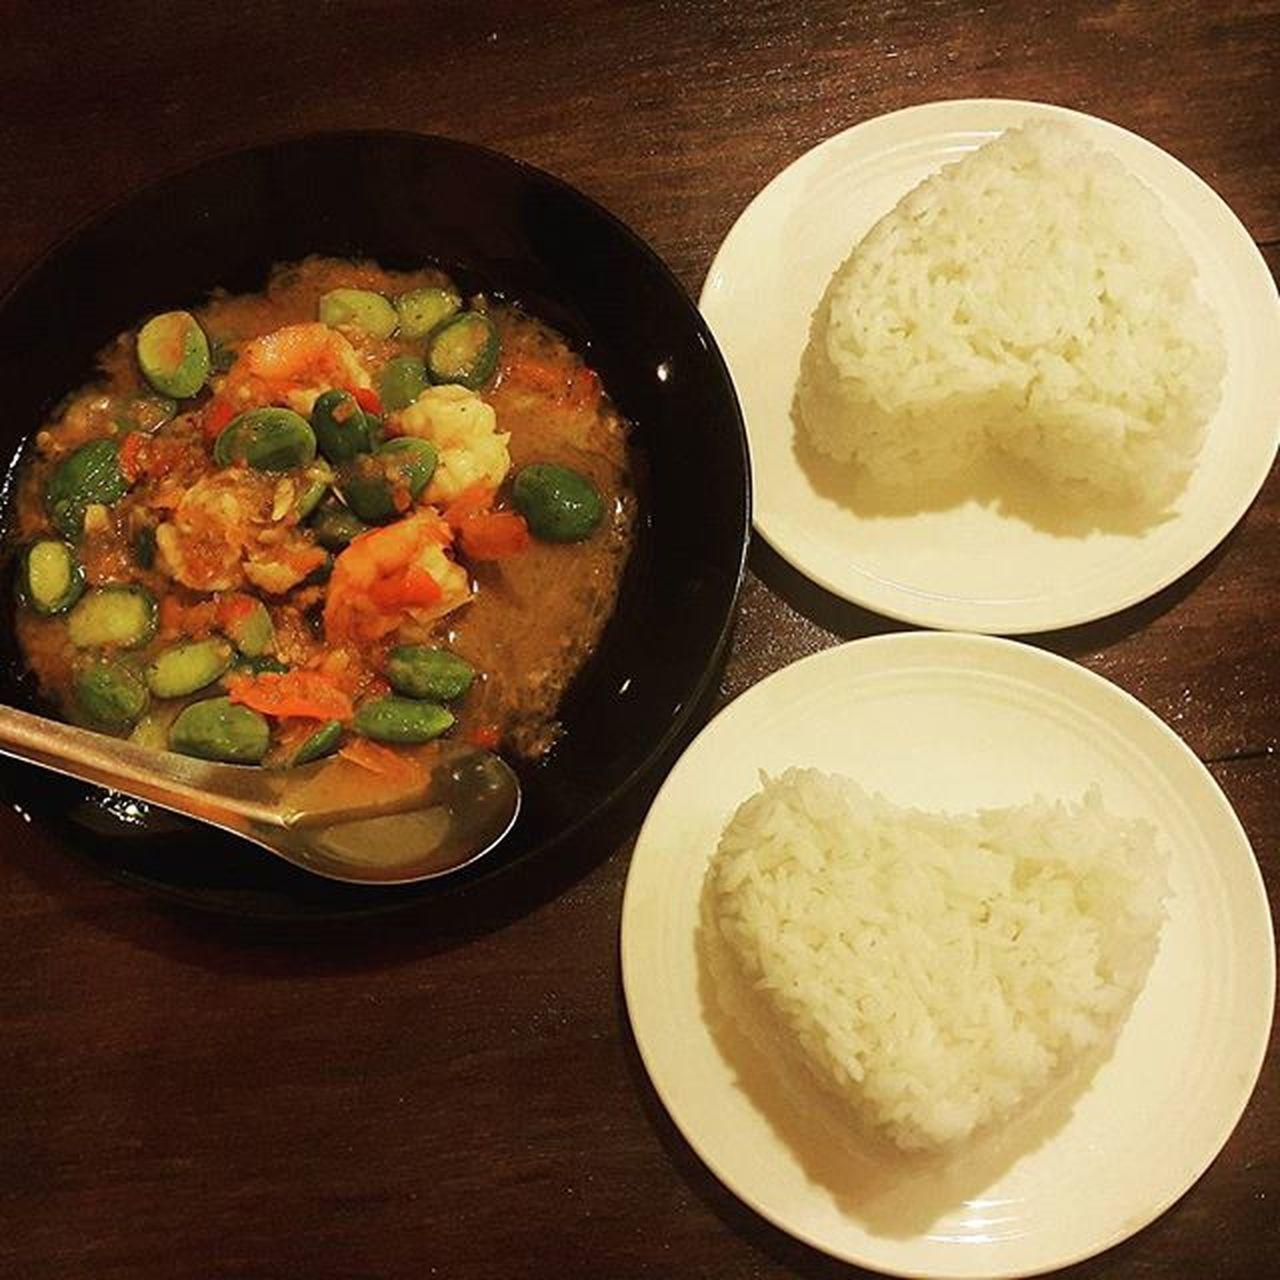 วันศุกร์ ต้องมีหัวใจสองดวงมารวมกันแบบนี้เนอะ ♡♡ สะตอ สะตอกุ้งผัดกะปิ Southernthaifood Shrimp paste fried Sato .โพสภาพอาหารเรียกน้ำย่อยสักหน่อย ;p